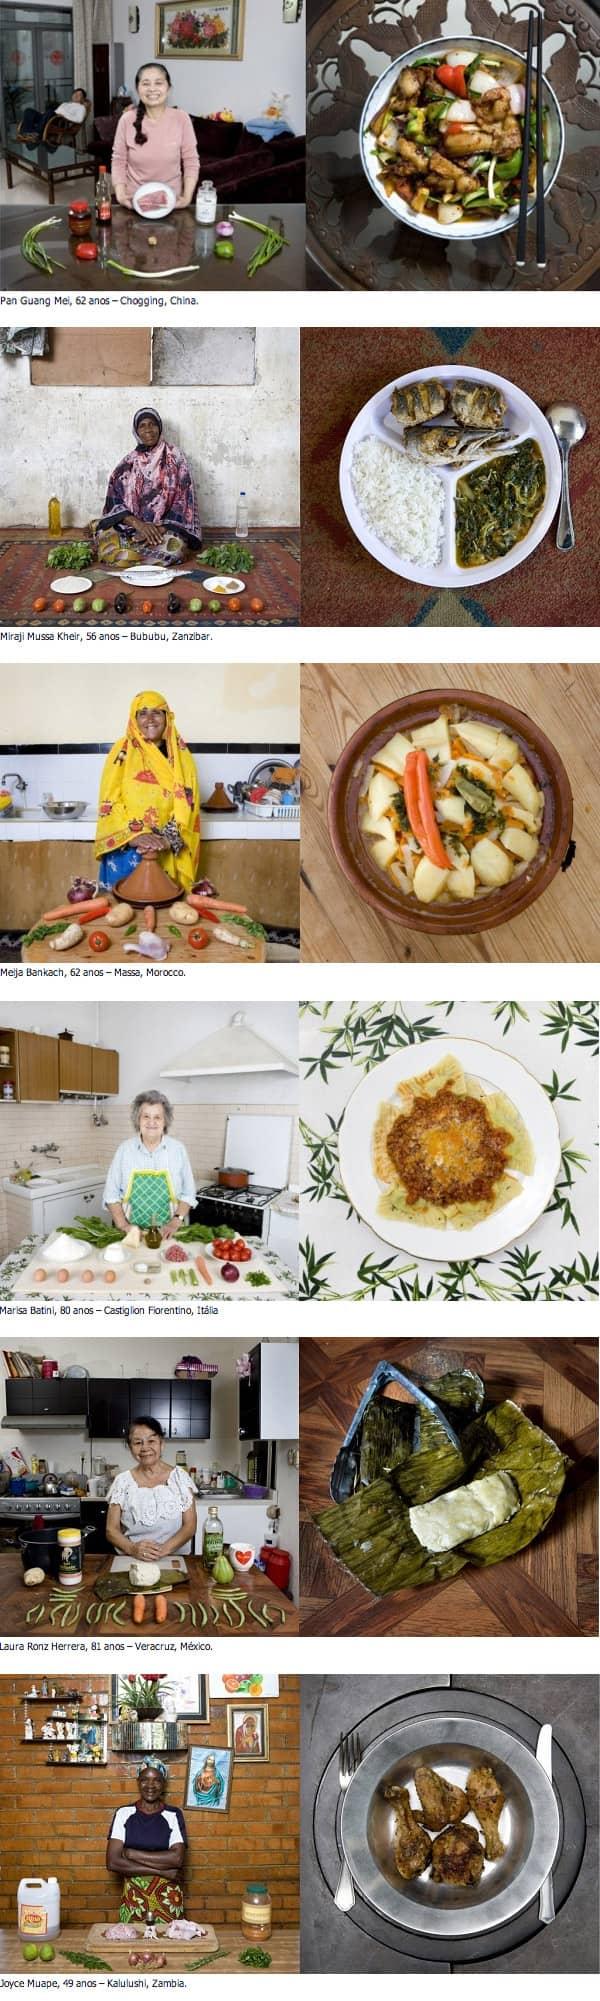 Conheçam avós e suas comidas caseiras ao redor do mundo 3